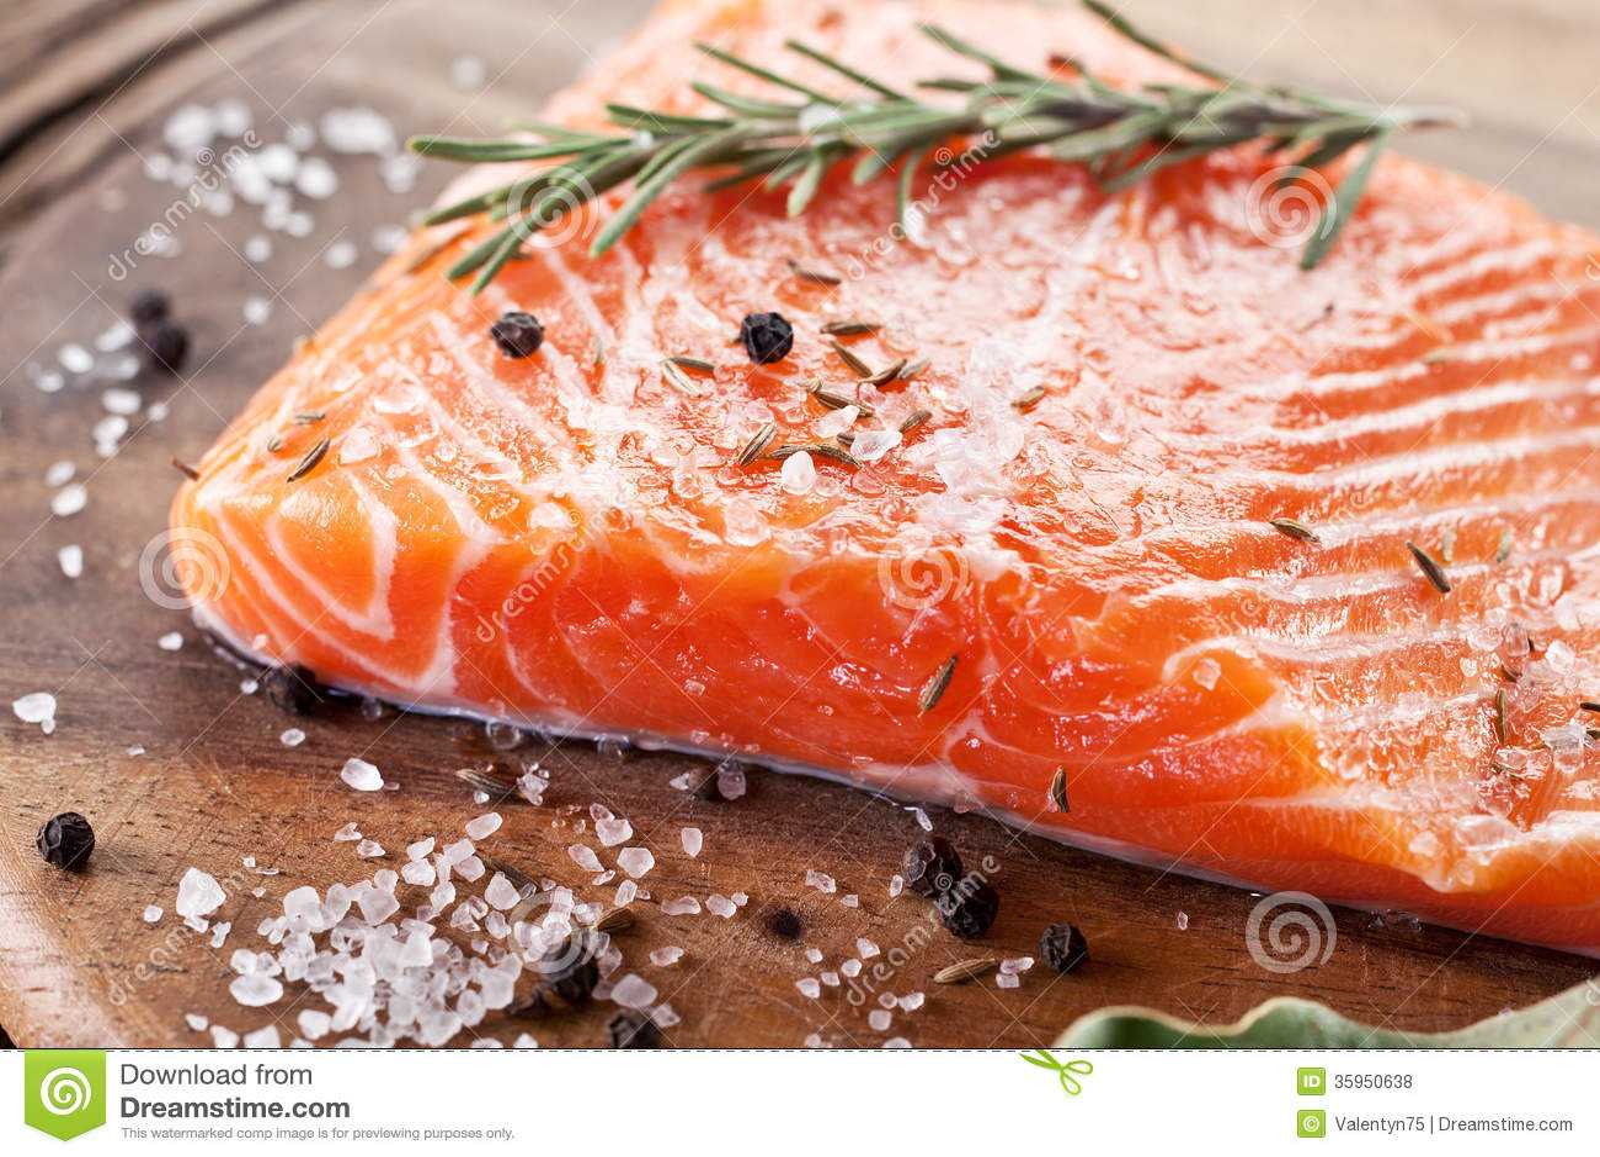 Prendedero de color salmón en un tablero de talla de madera.